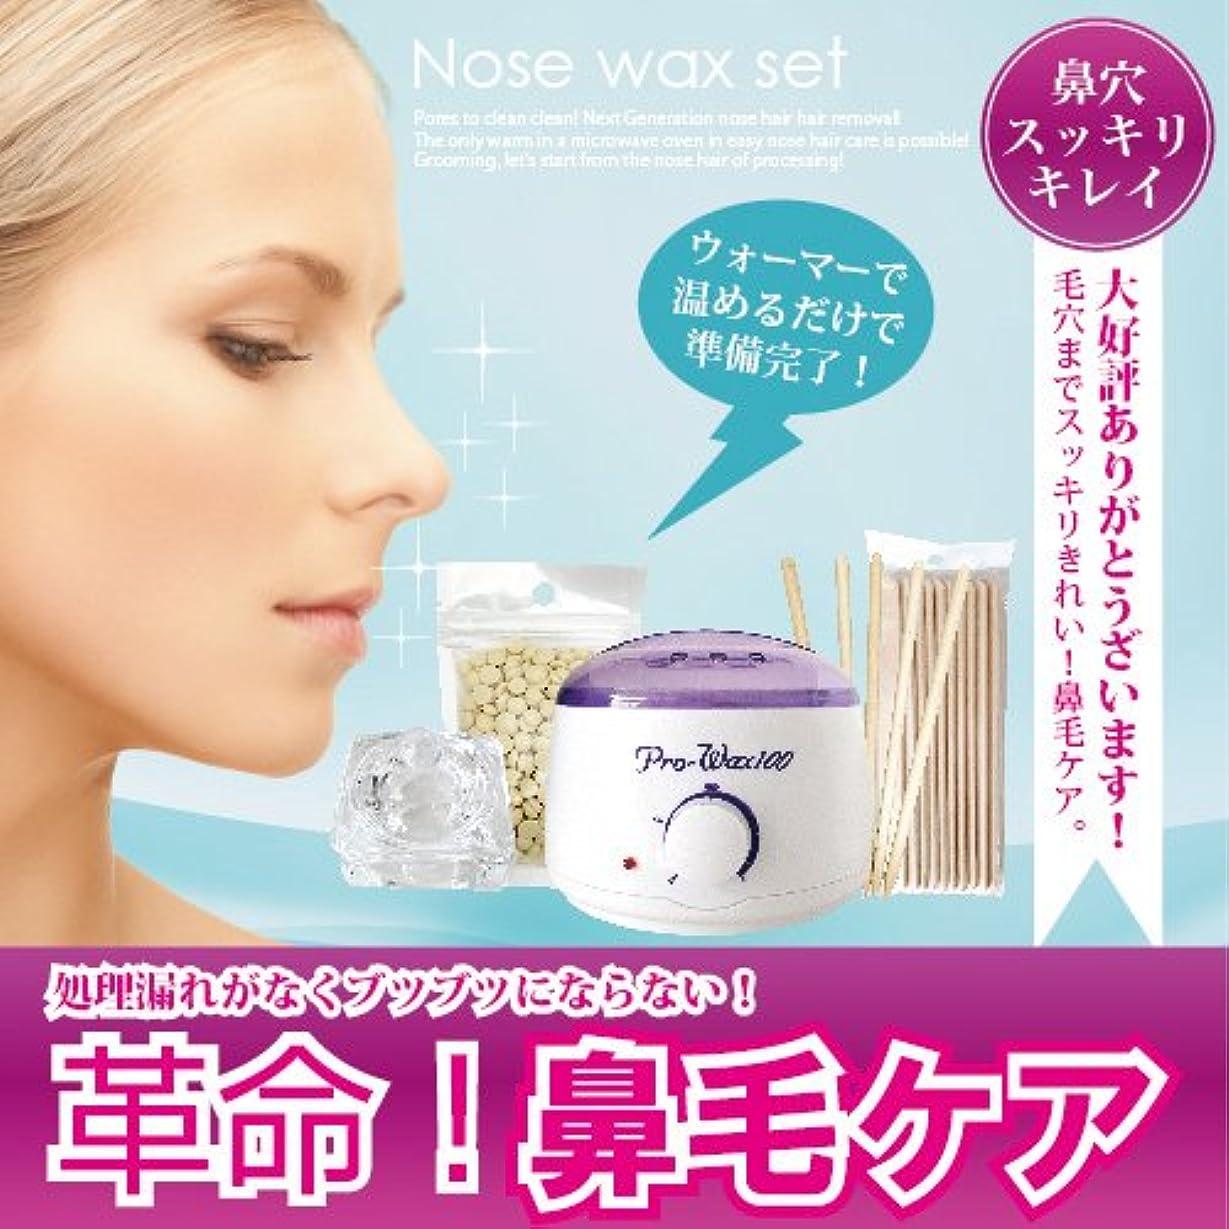 破壊するずらす見物人ブラジリアンワックス Nose wax setウォーマー付ノーズワックス鼻毛ケアセット(約12回分)